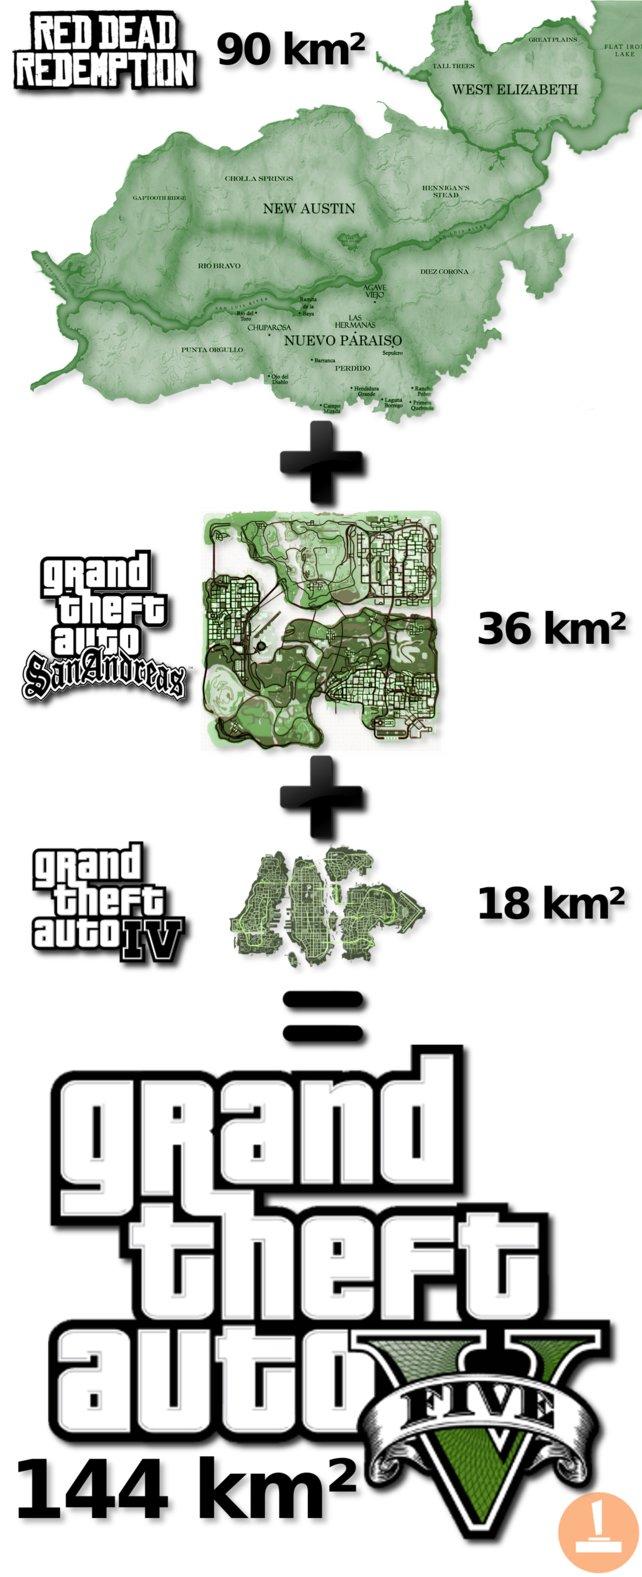 GTA 5 ist größer als GTA 4, San Andreas und Red Dead Redemption zusammen.